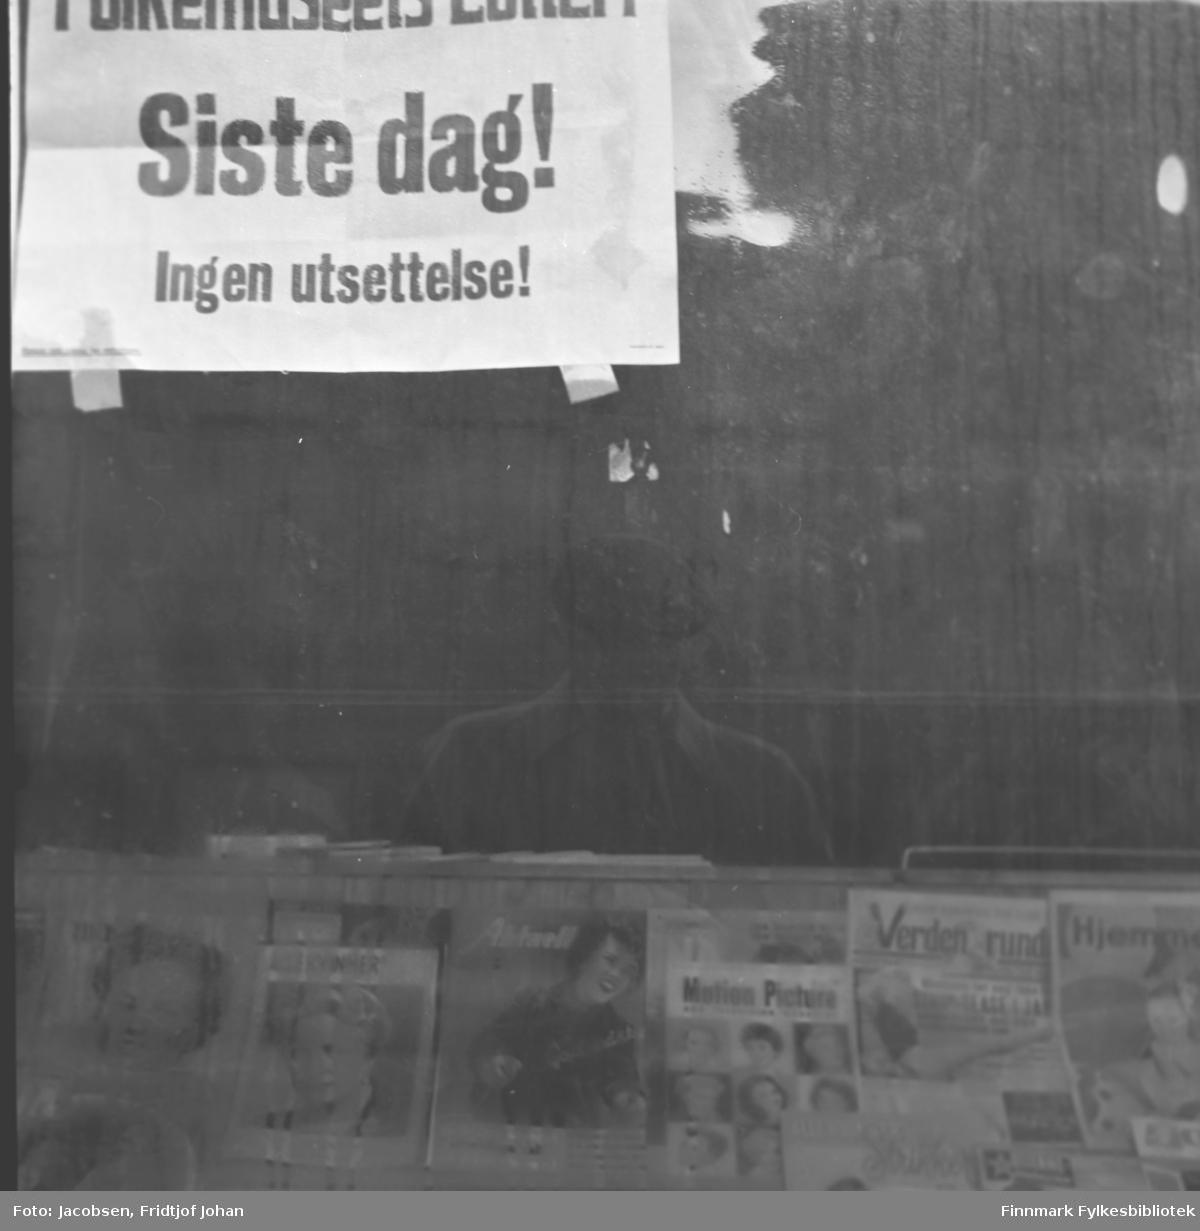 Utstillingsvindu med diverse ukeblader og en plakat hvor det står: Siste dag! Ingen utsettelse!